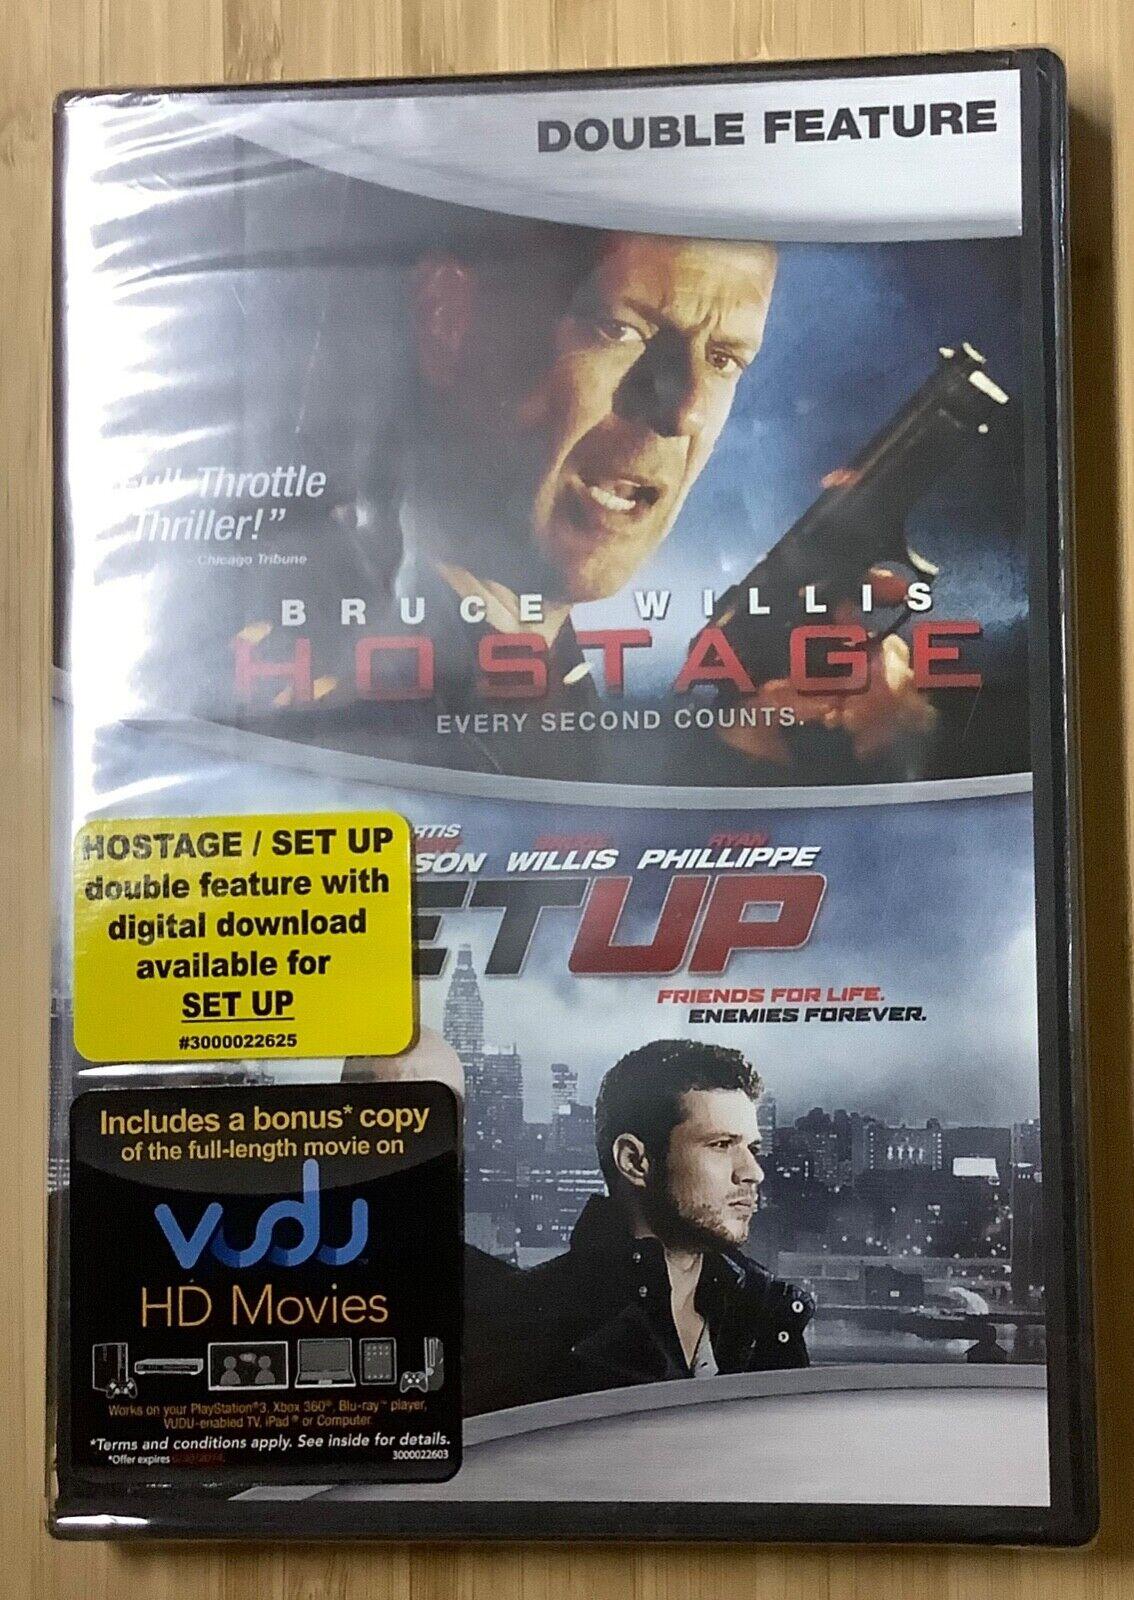 Hostage 2005 /Set Up 2011 DVD Bruce Willis Ben Foster 50 Cent Jackson SEALED - $10.00